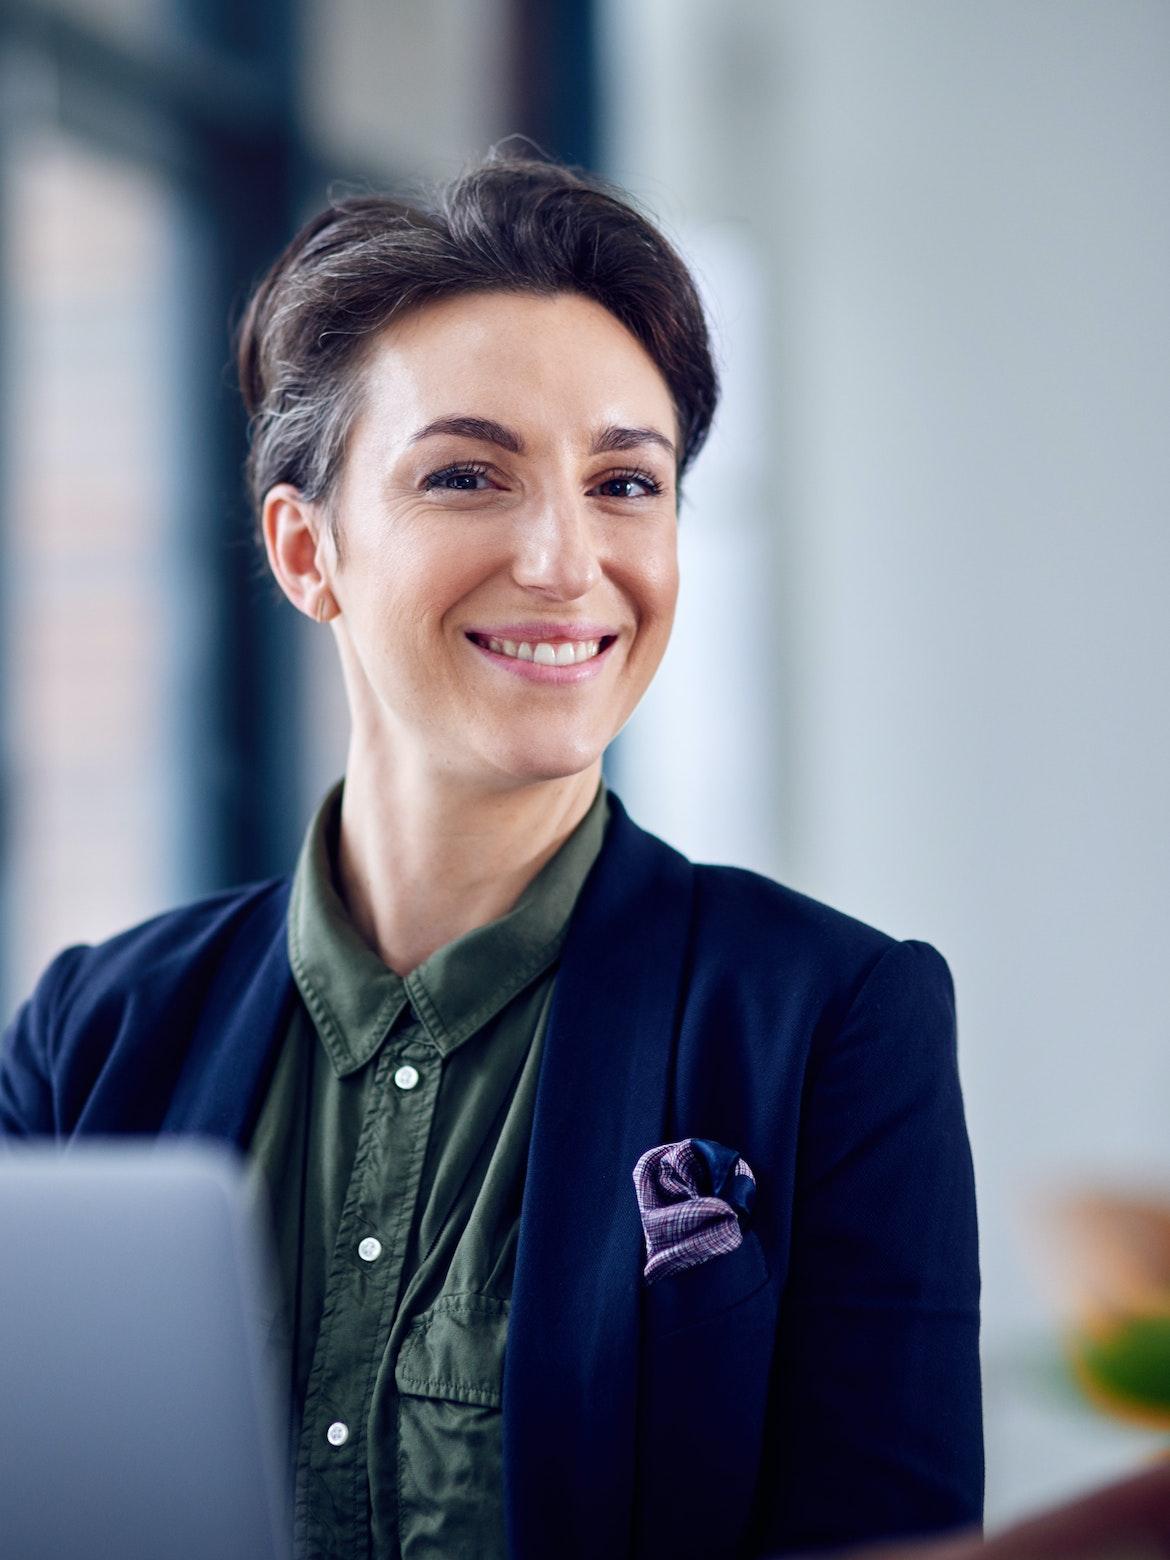 Kvinne som sitter ved pulten og smiler i kameraet.